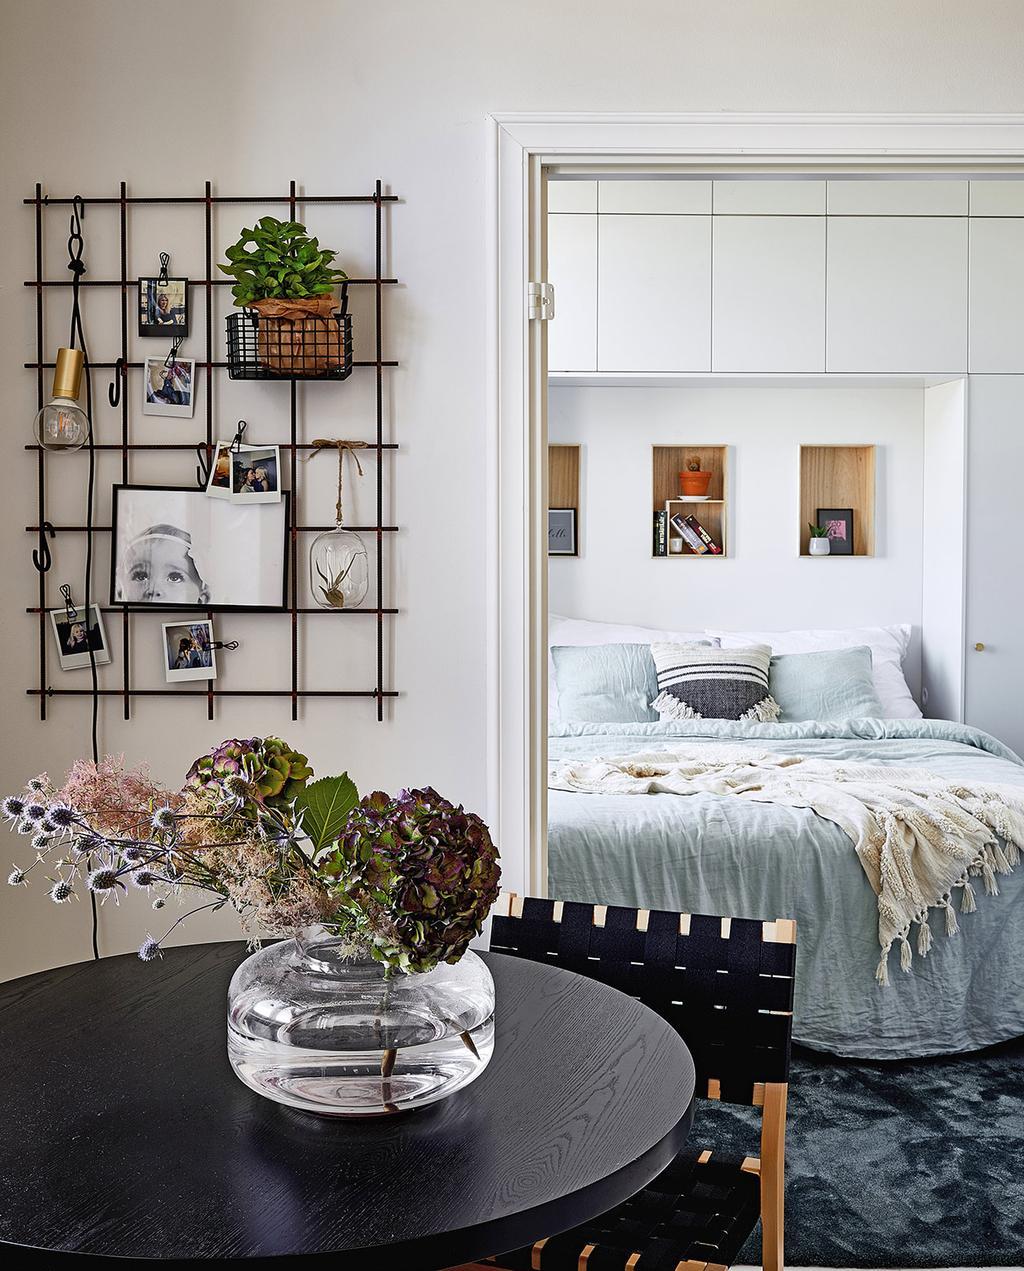 vtwonen special tiny houses | zicht op deur naar de slaapkamer met wandrek en foto's